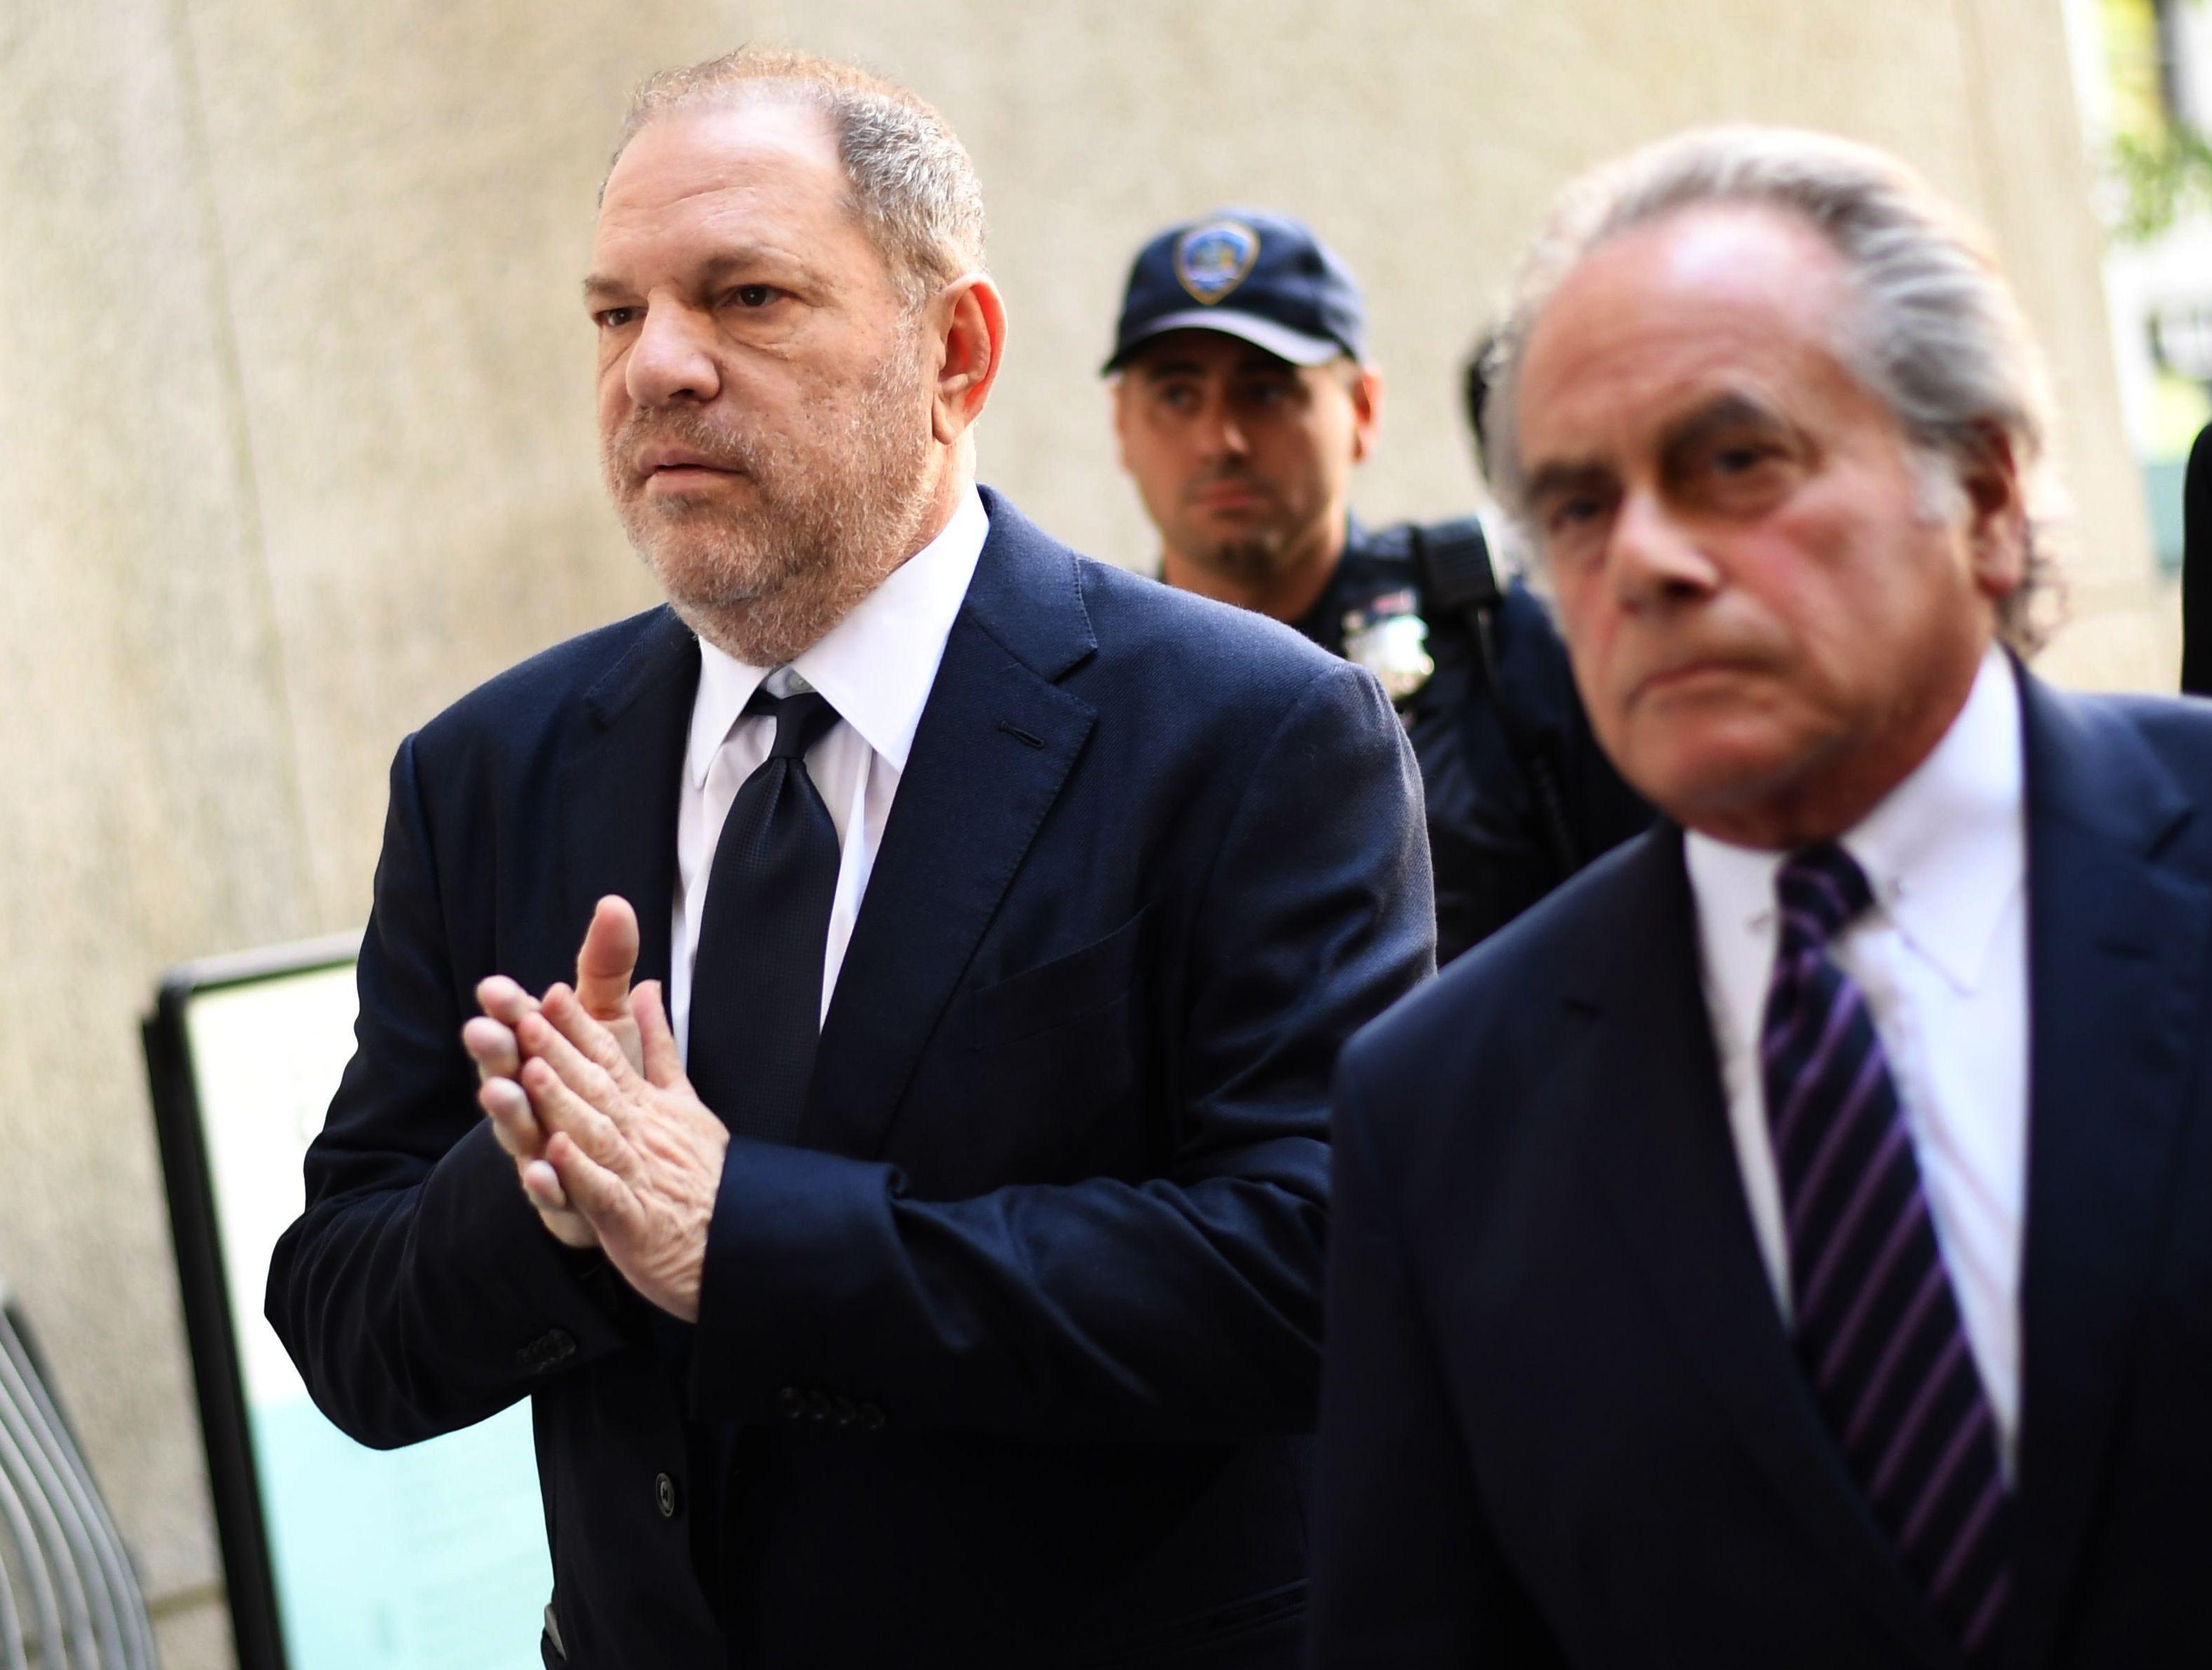 Prosecutor drops part of sex assault case against Harvey Weinstein